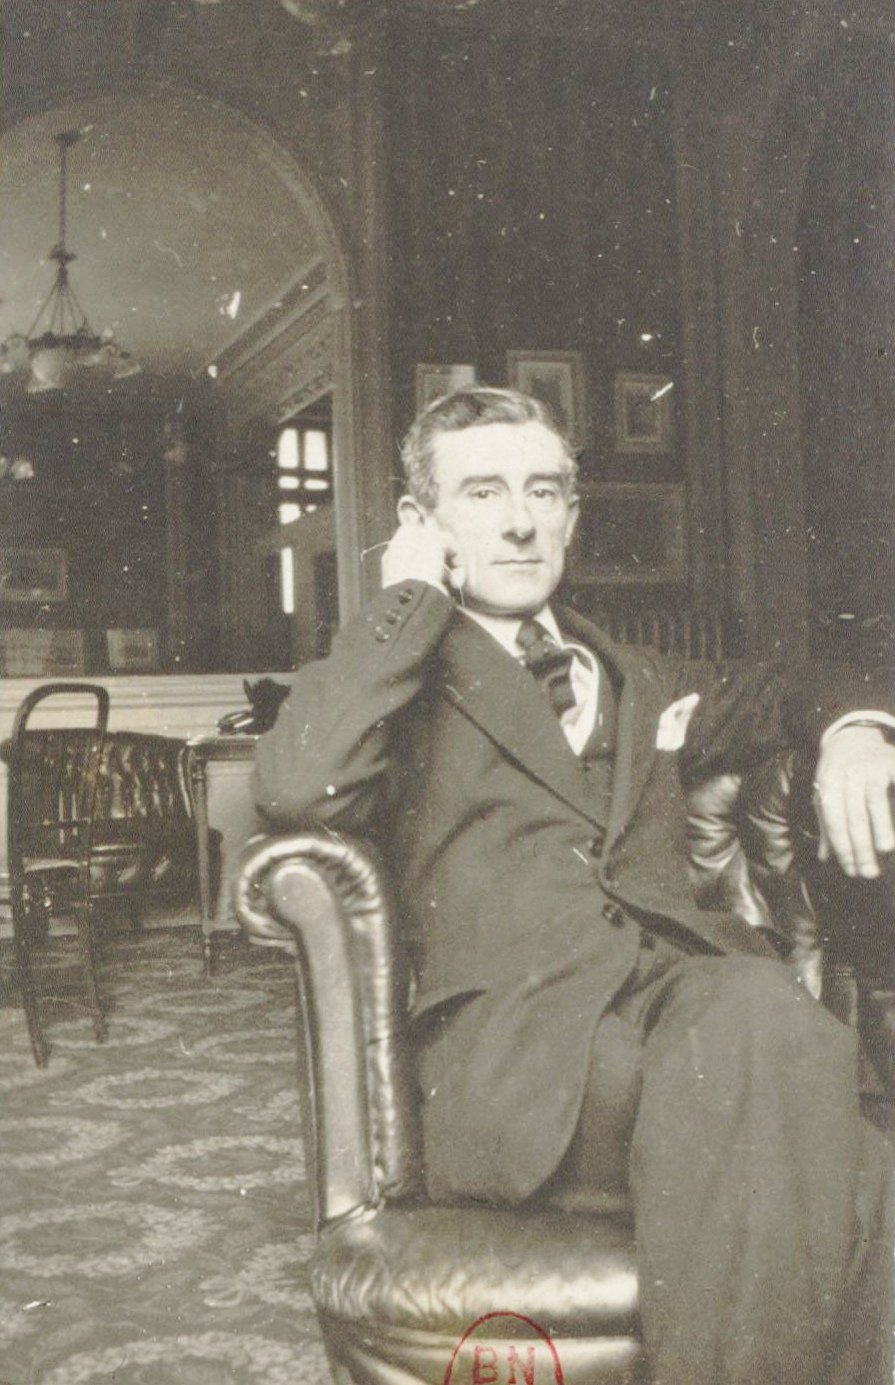 Maurice Ravel, date d'édition: 1928. Format: 1 photogr. pos. ; 6 x 4 cm. Notice de recueil: http://catalogue.bnf.fr/ark:/12148/cb386431110. Notice du catalogue: http://catalogue.bnf.fr/ark:/12148/cb396202954. Identifiant: ark:/12148/btv1b8423973j, https://gallica.bnf.fr/ark:/12148/btv1b8423973j.r=Maurice%20Ravel?rk=107296;4. Source: Bibliothèque nationale de France